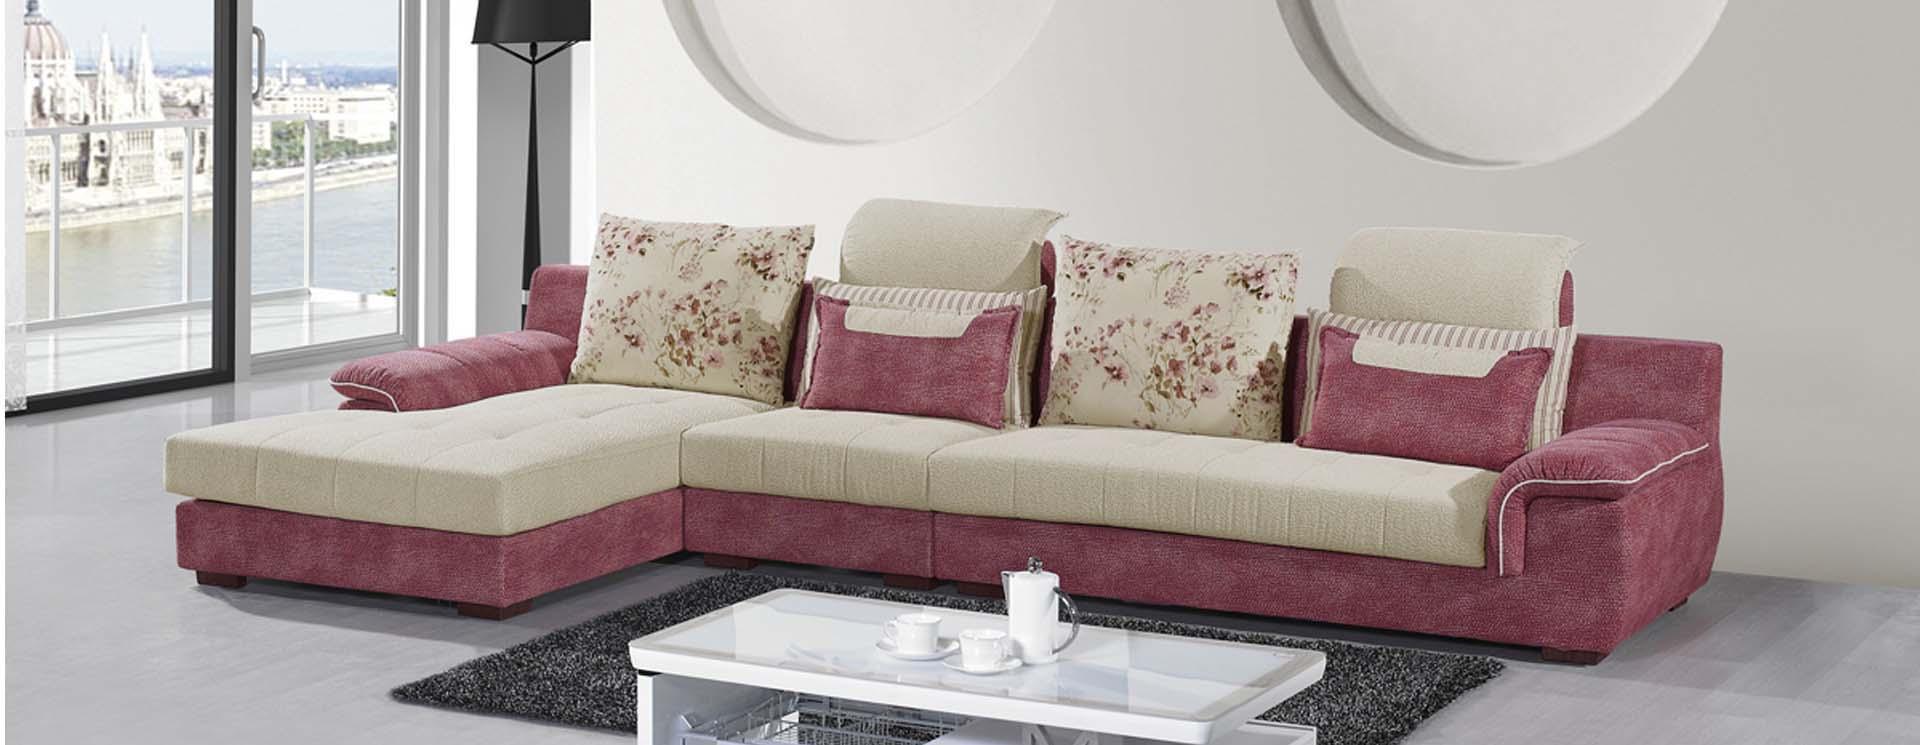 名称:沙发E-803A#<br/> 市场价:<font style='color:#999;text-decoration:line-through;'>¥0</font><br />全国统一零售价:<font color='Red'>¥0.0</font>